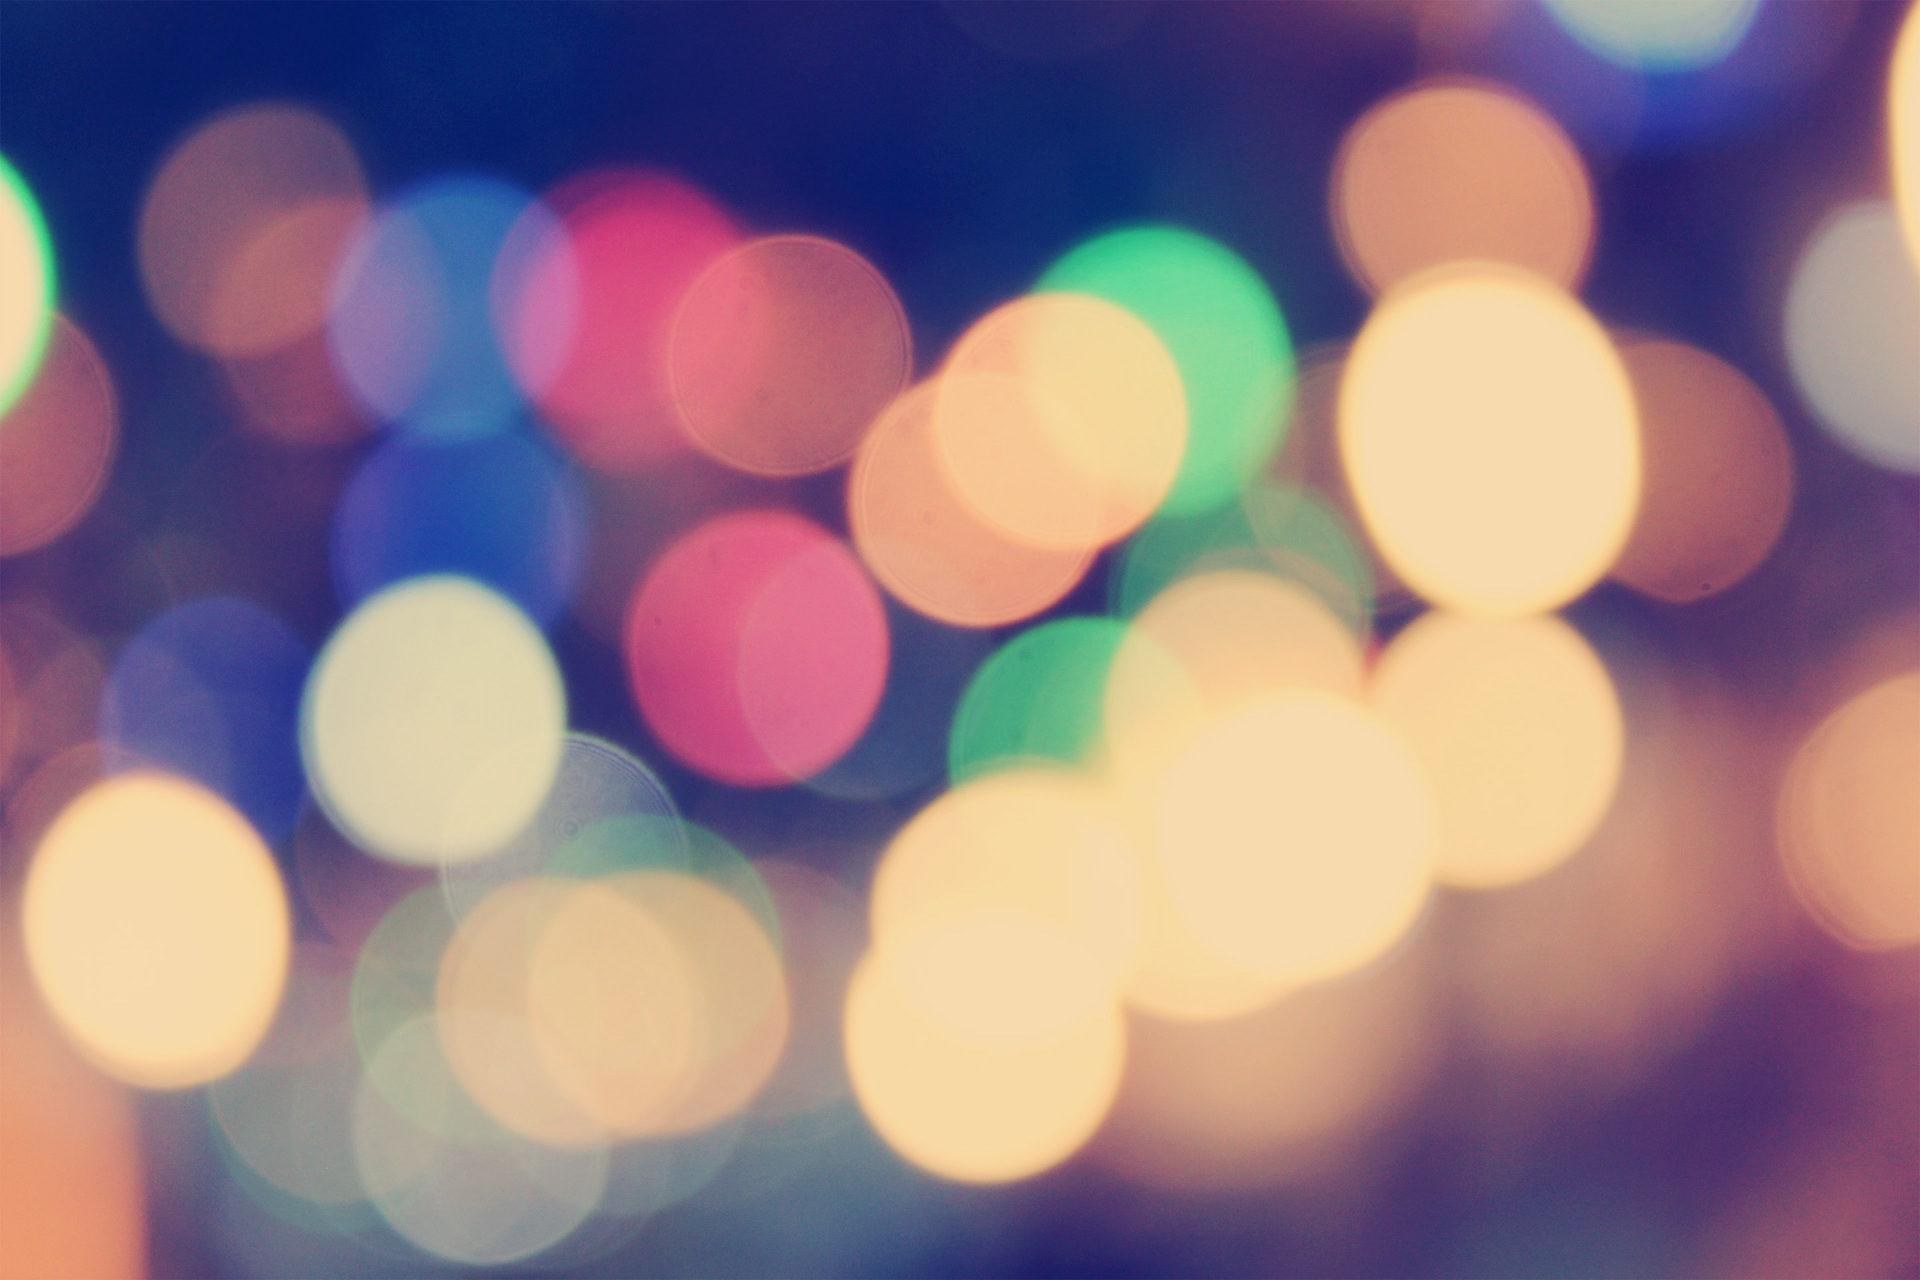 φώτα, νύχτα, Πόλη, κυκλοφορίας, θόλωμα - Wallpapers HD - Professor-falken.com